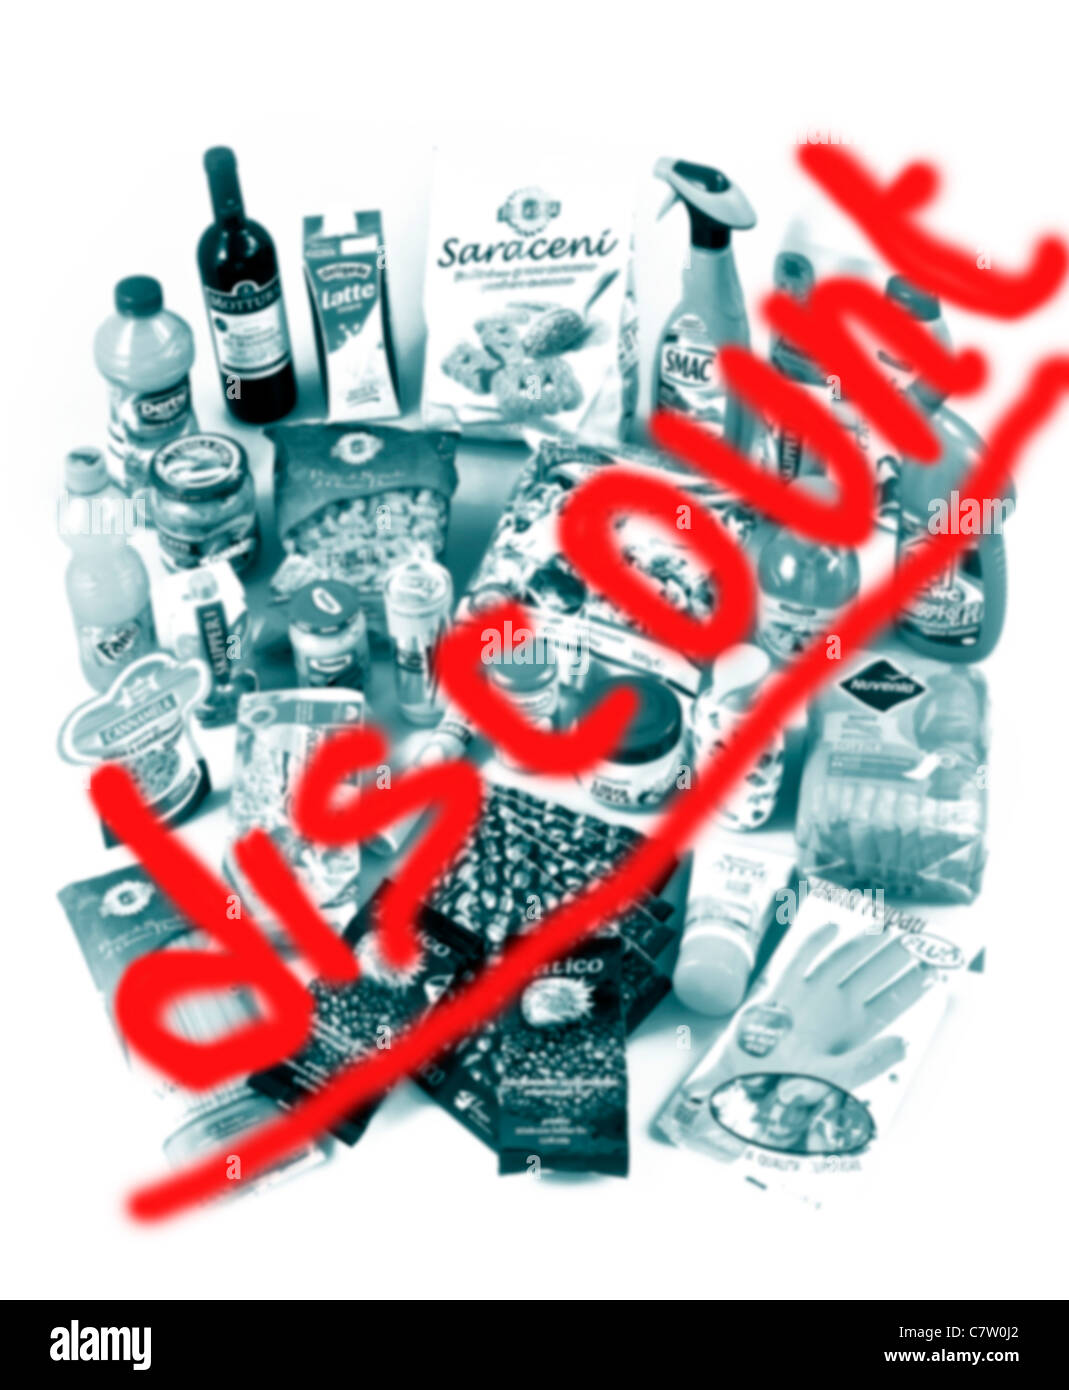 Sconto prodotti negozio: cibo di cosmetici e prodotti di bellezza Immagini Stock